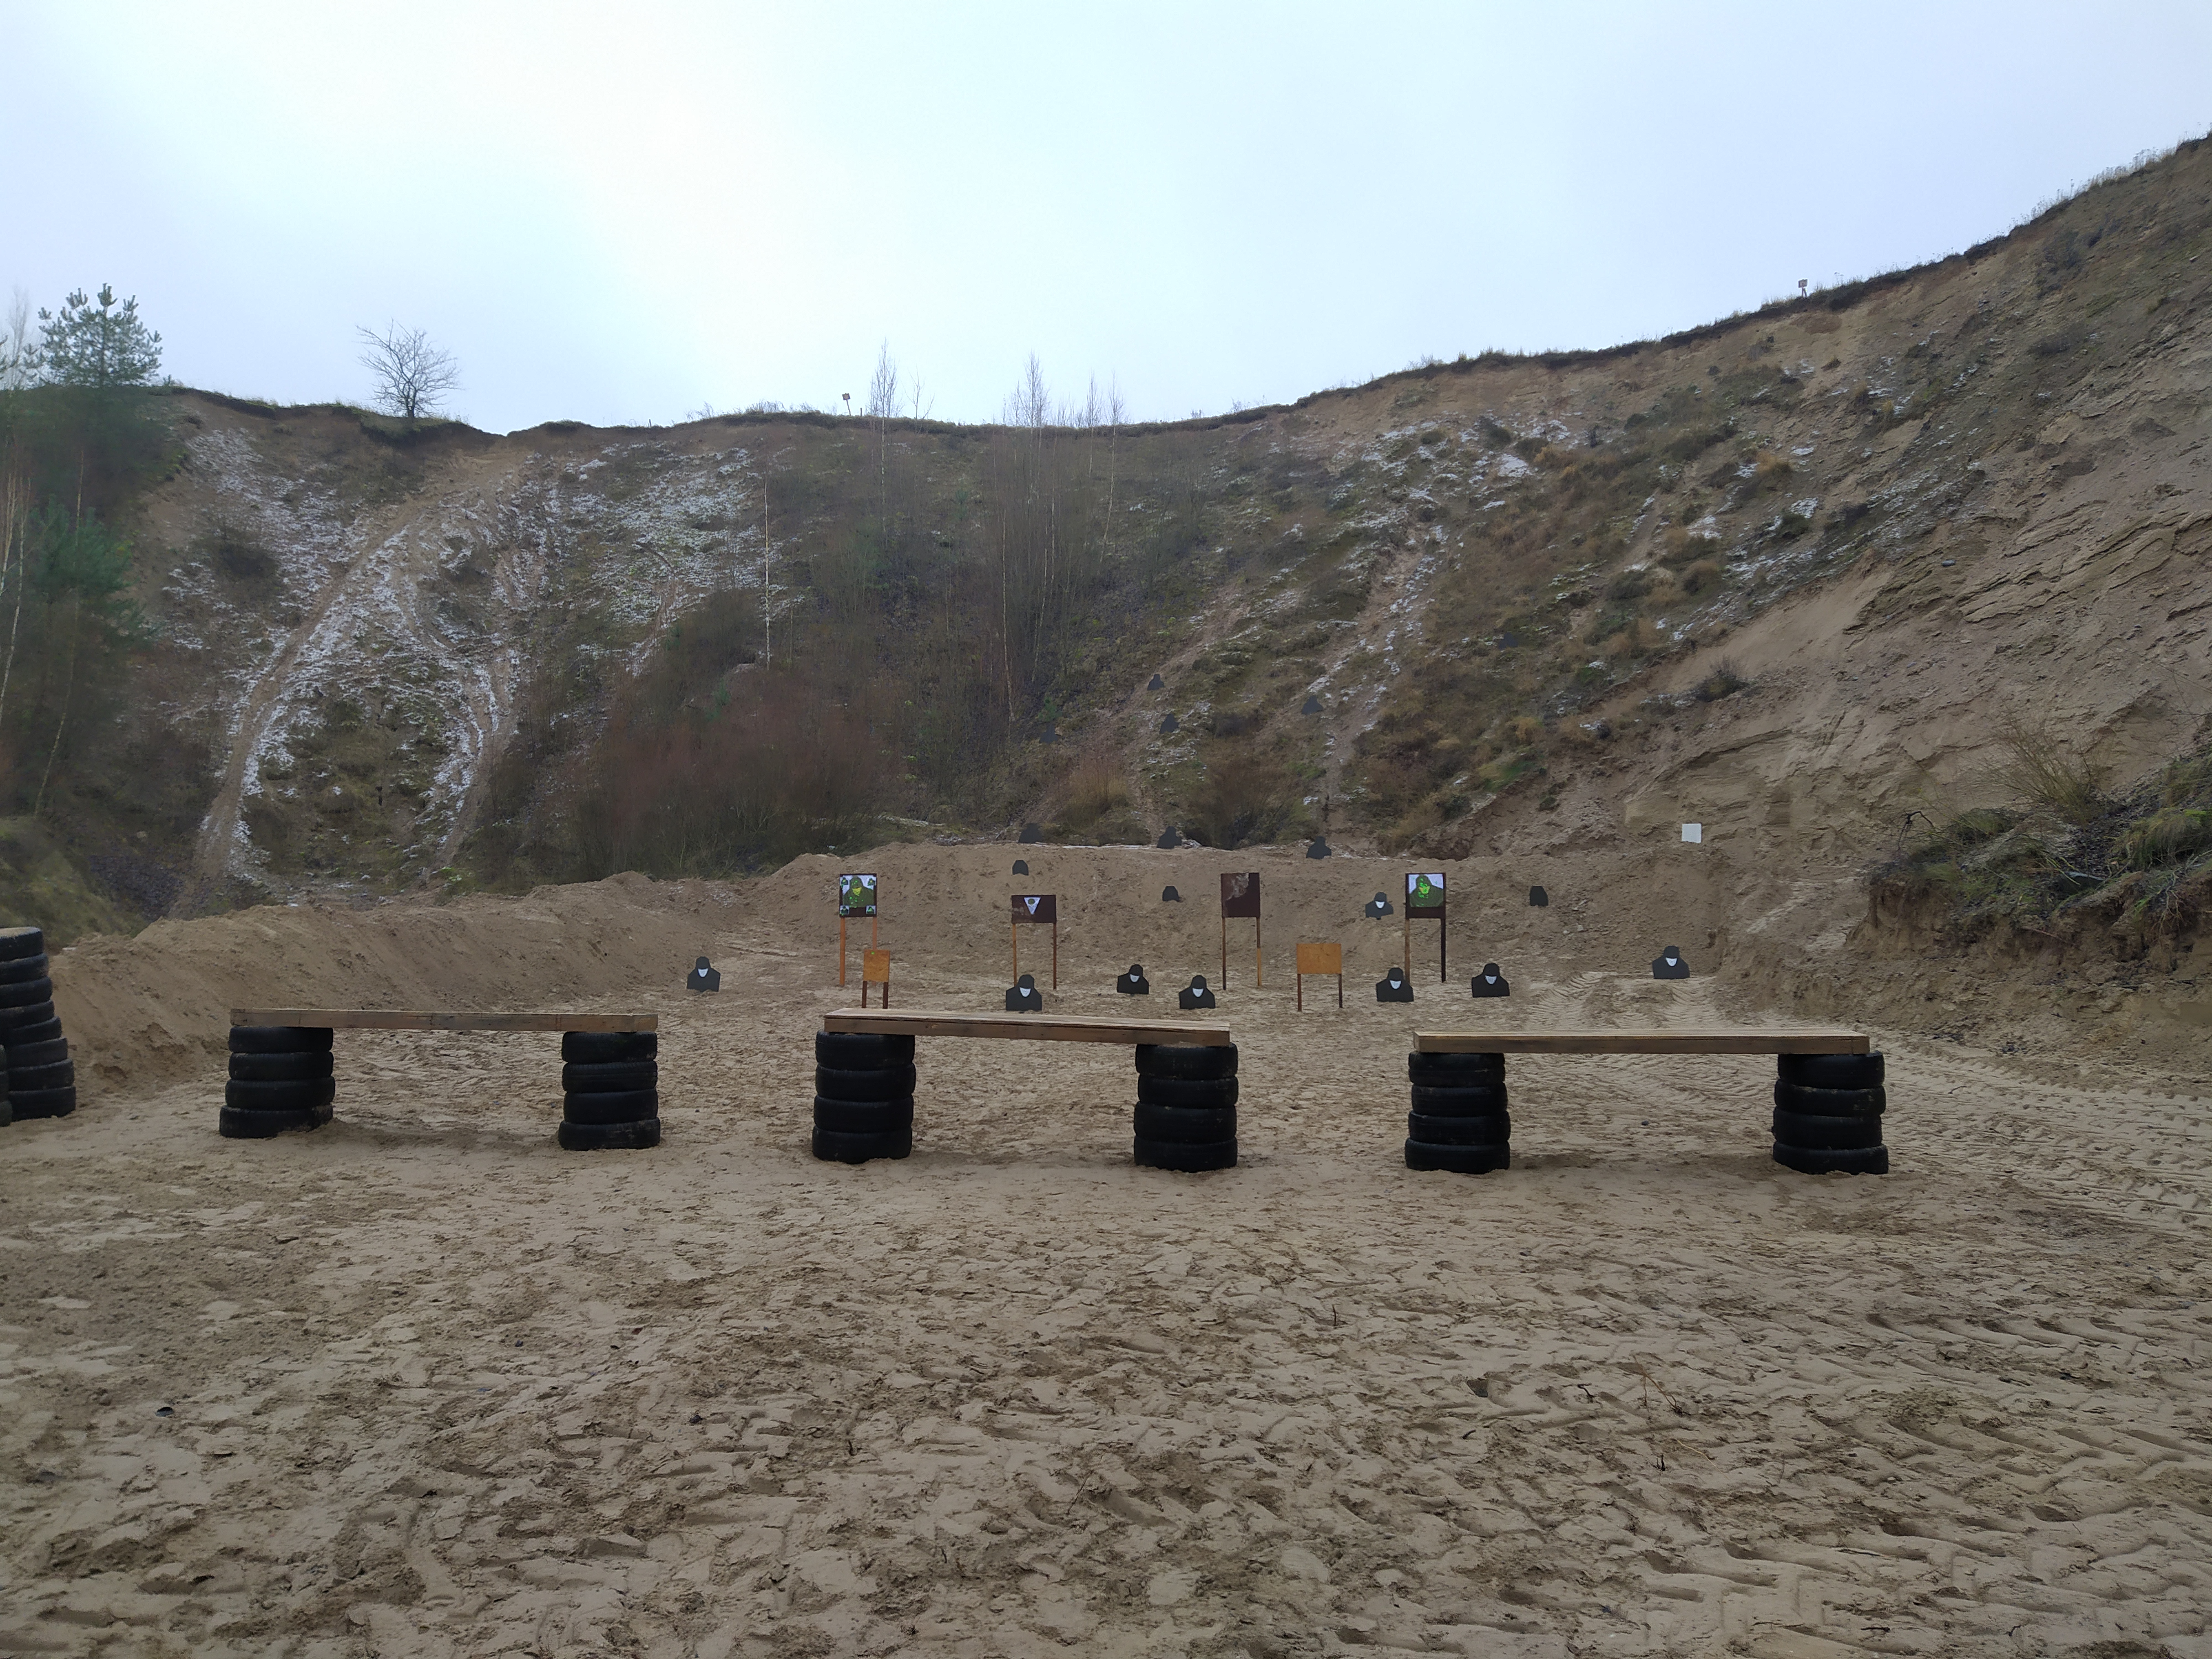 Wielkie otwarcie nowej strzelnicy KORMORAN 2